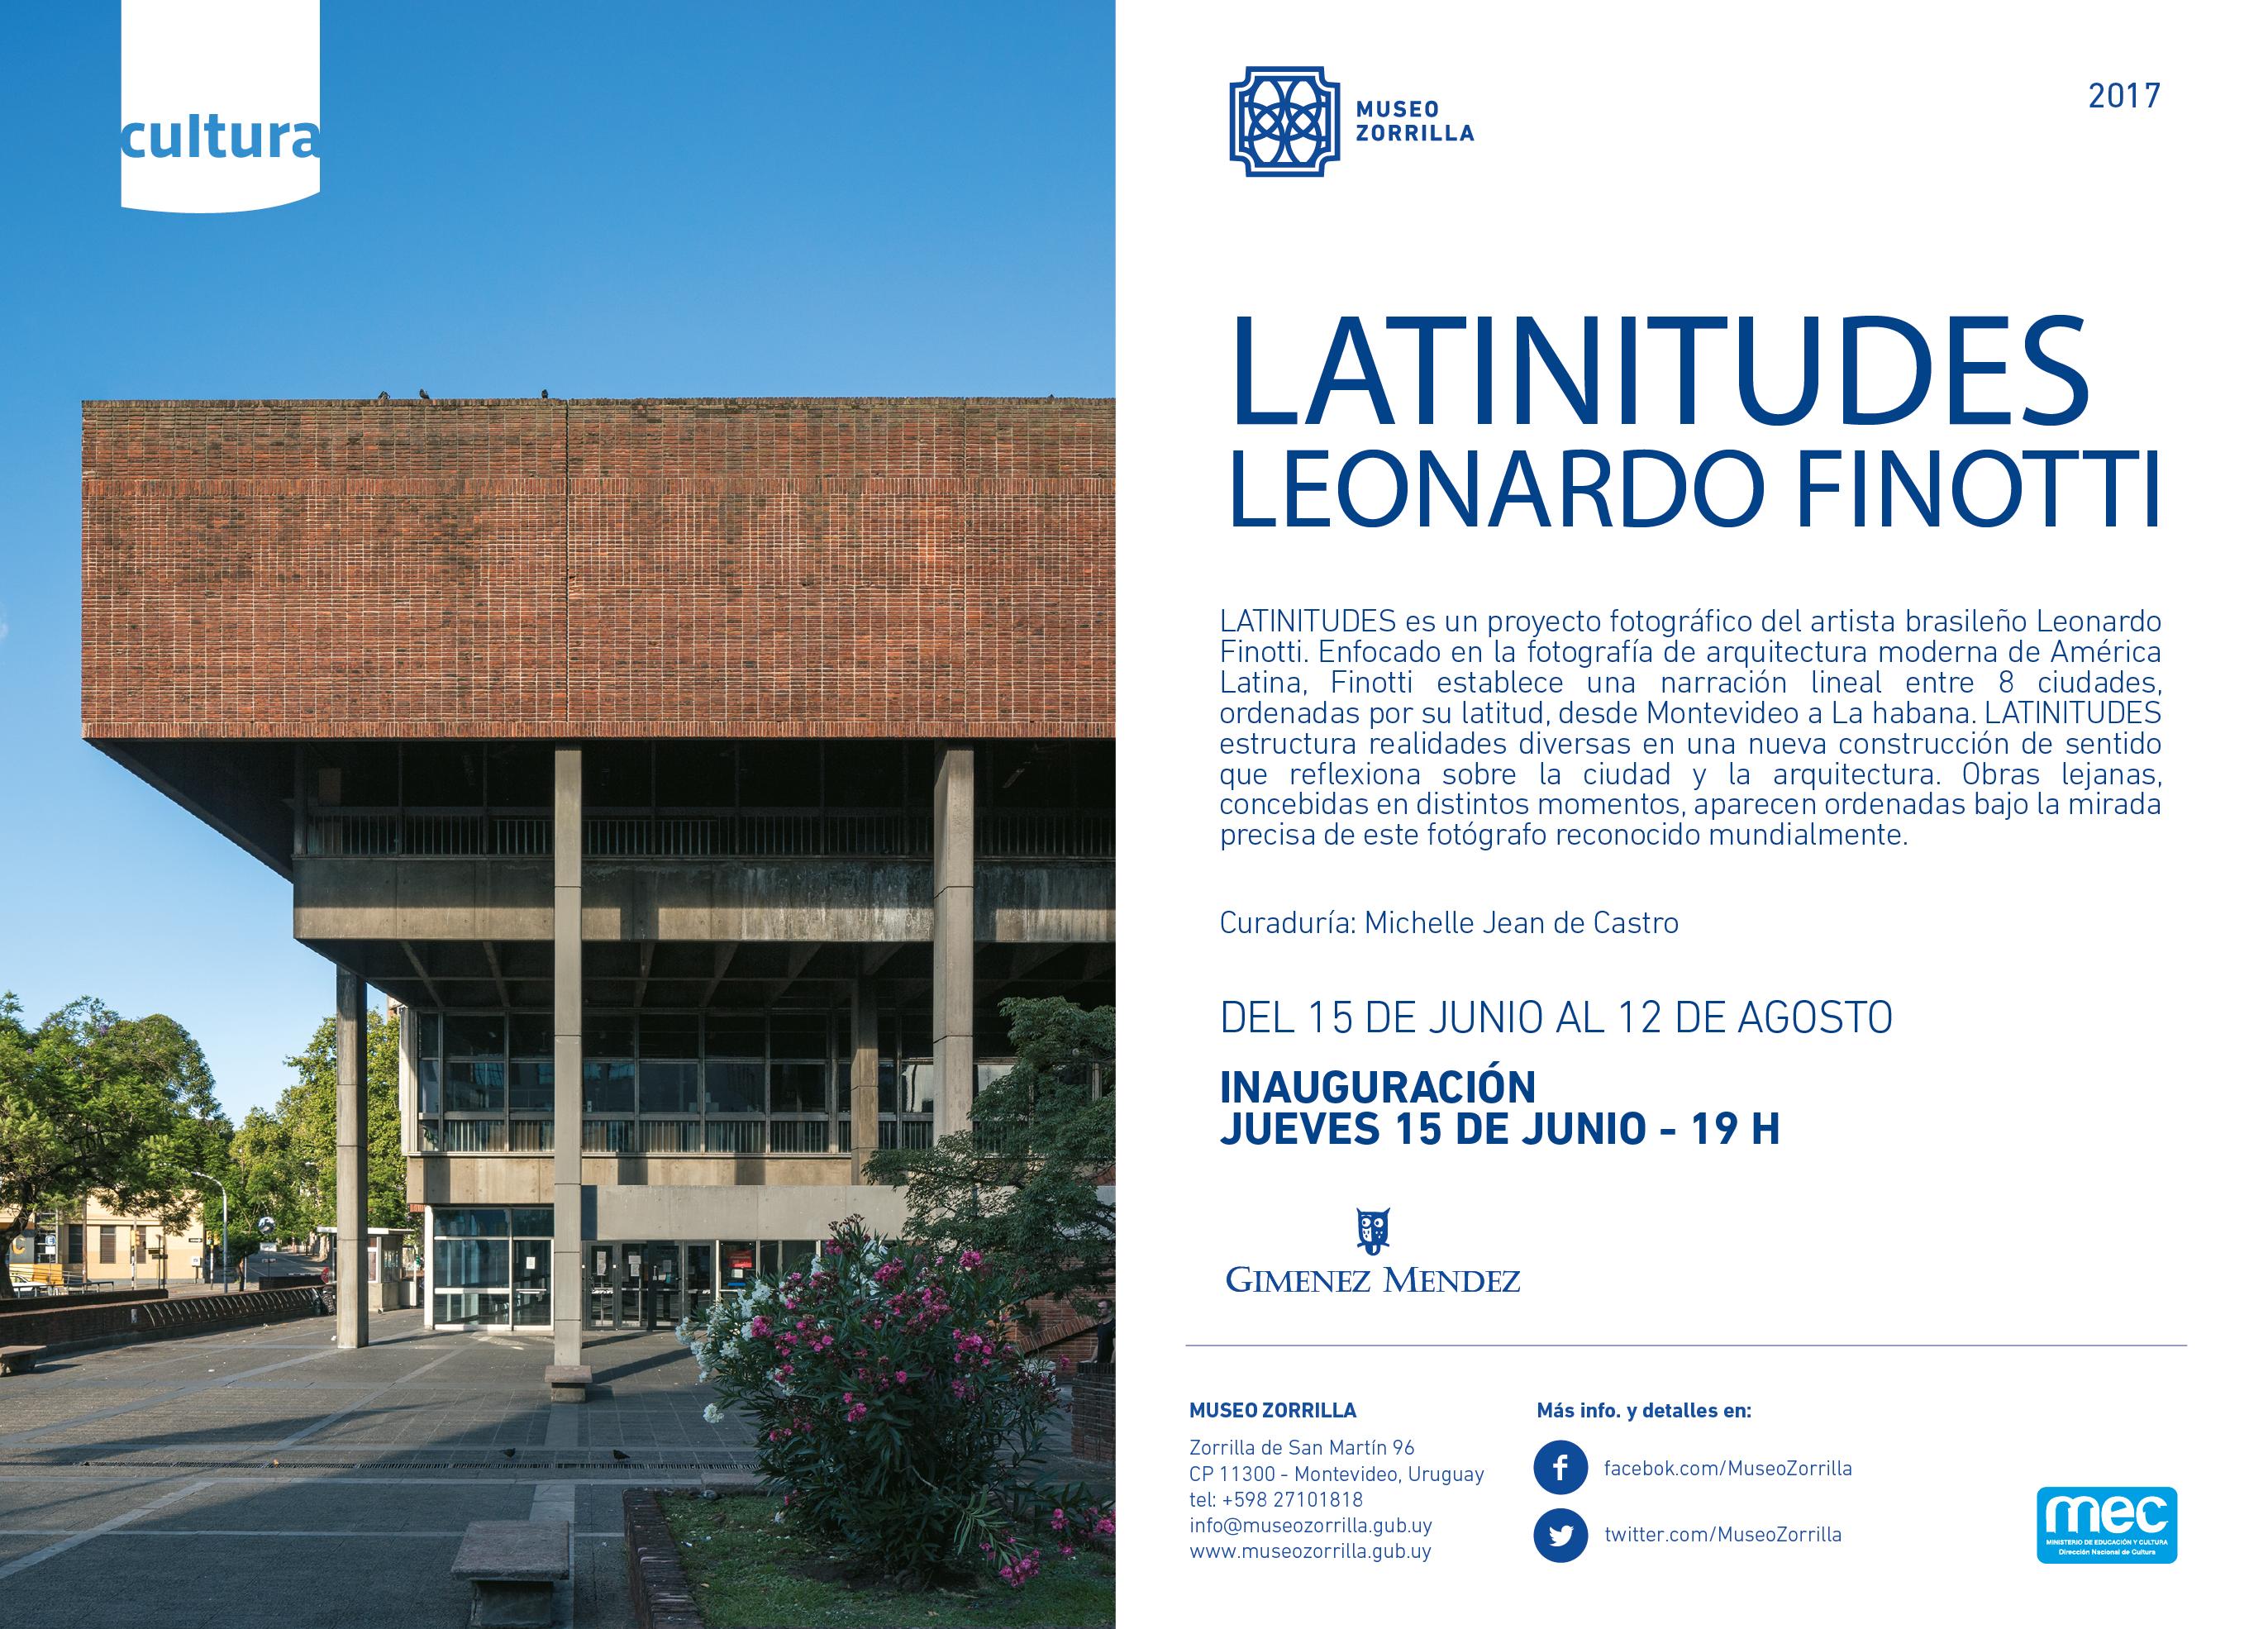 Invitación exposición Latinitudes